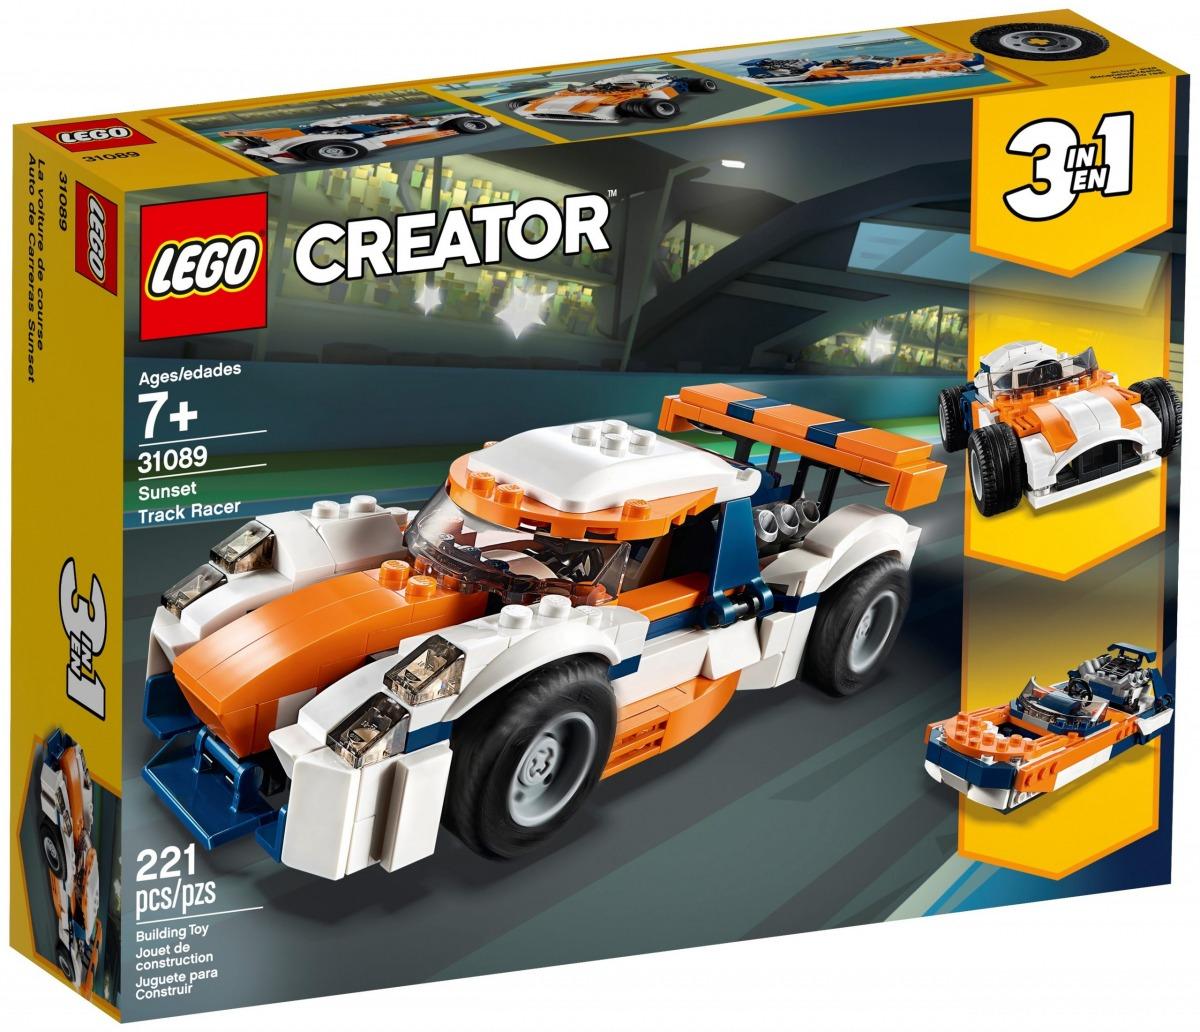 lego 31089 sunset track racer scaled